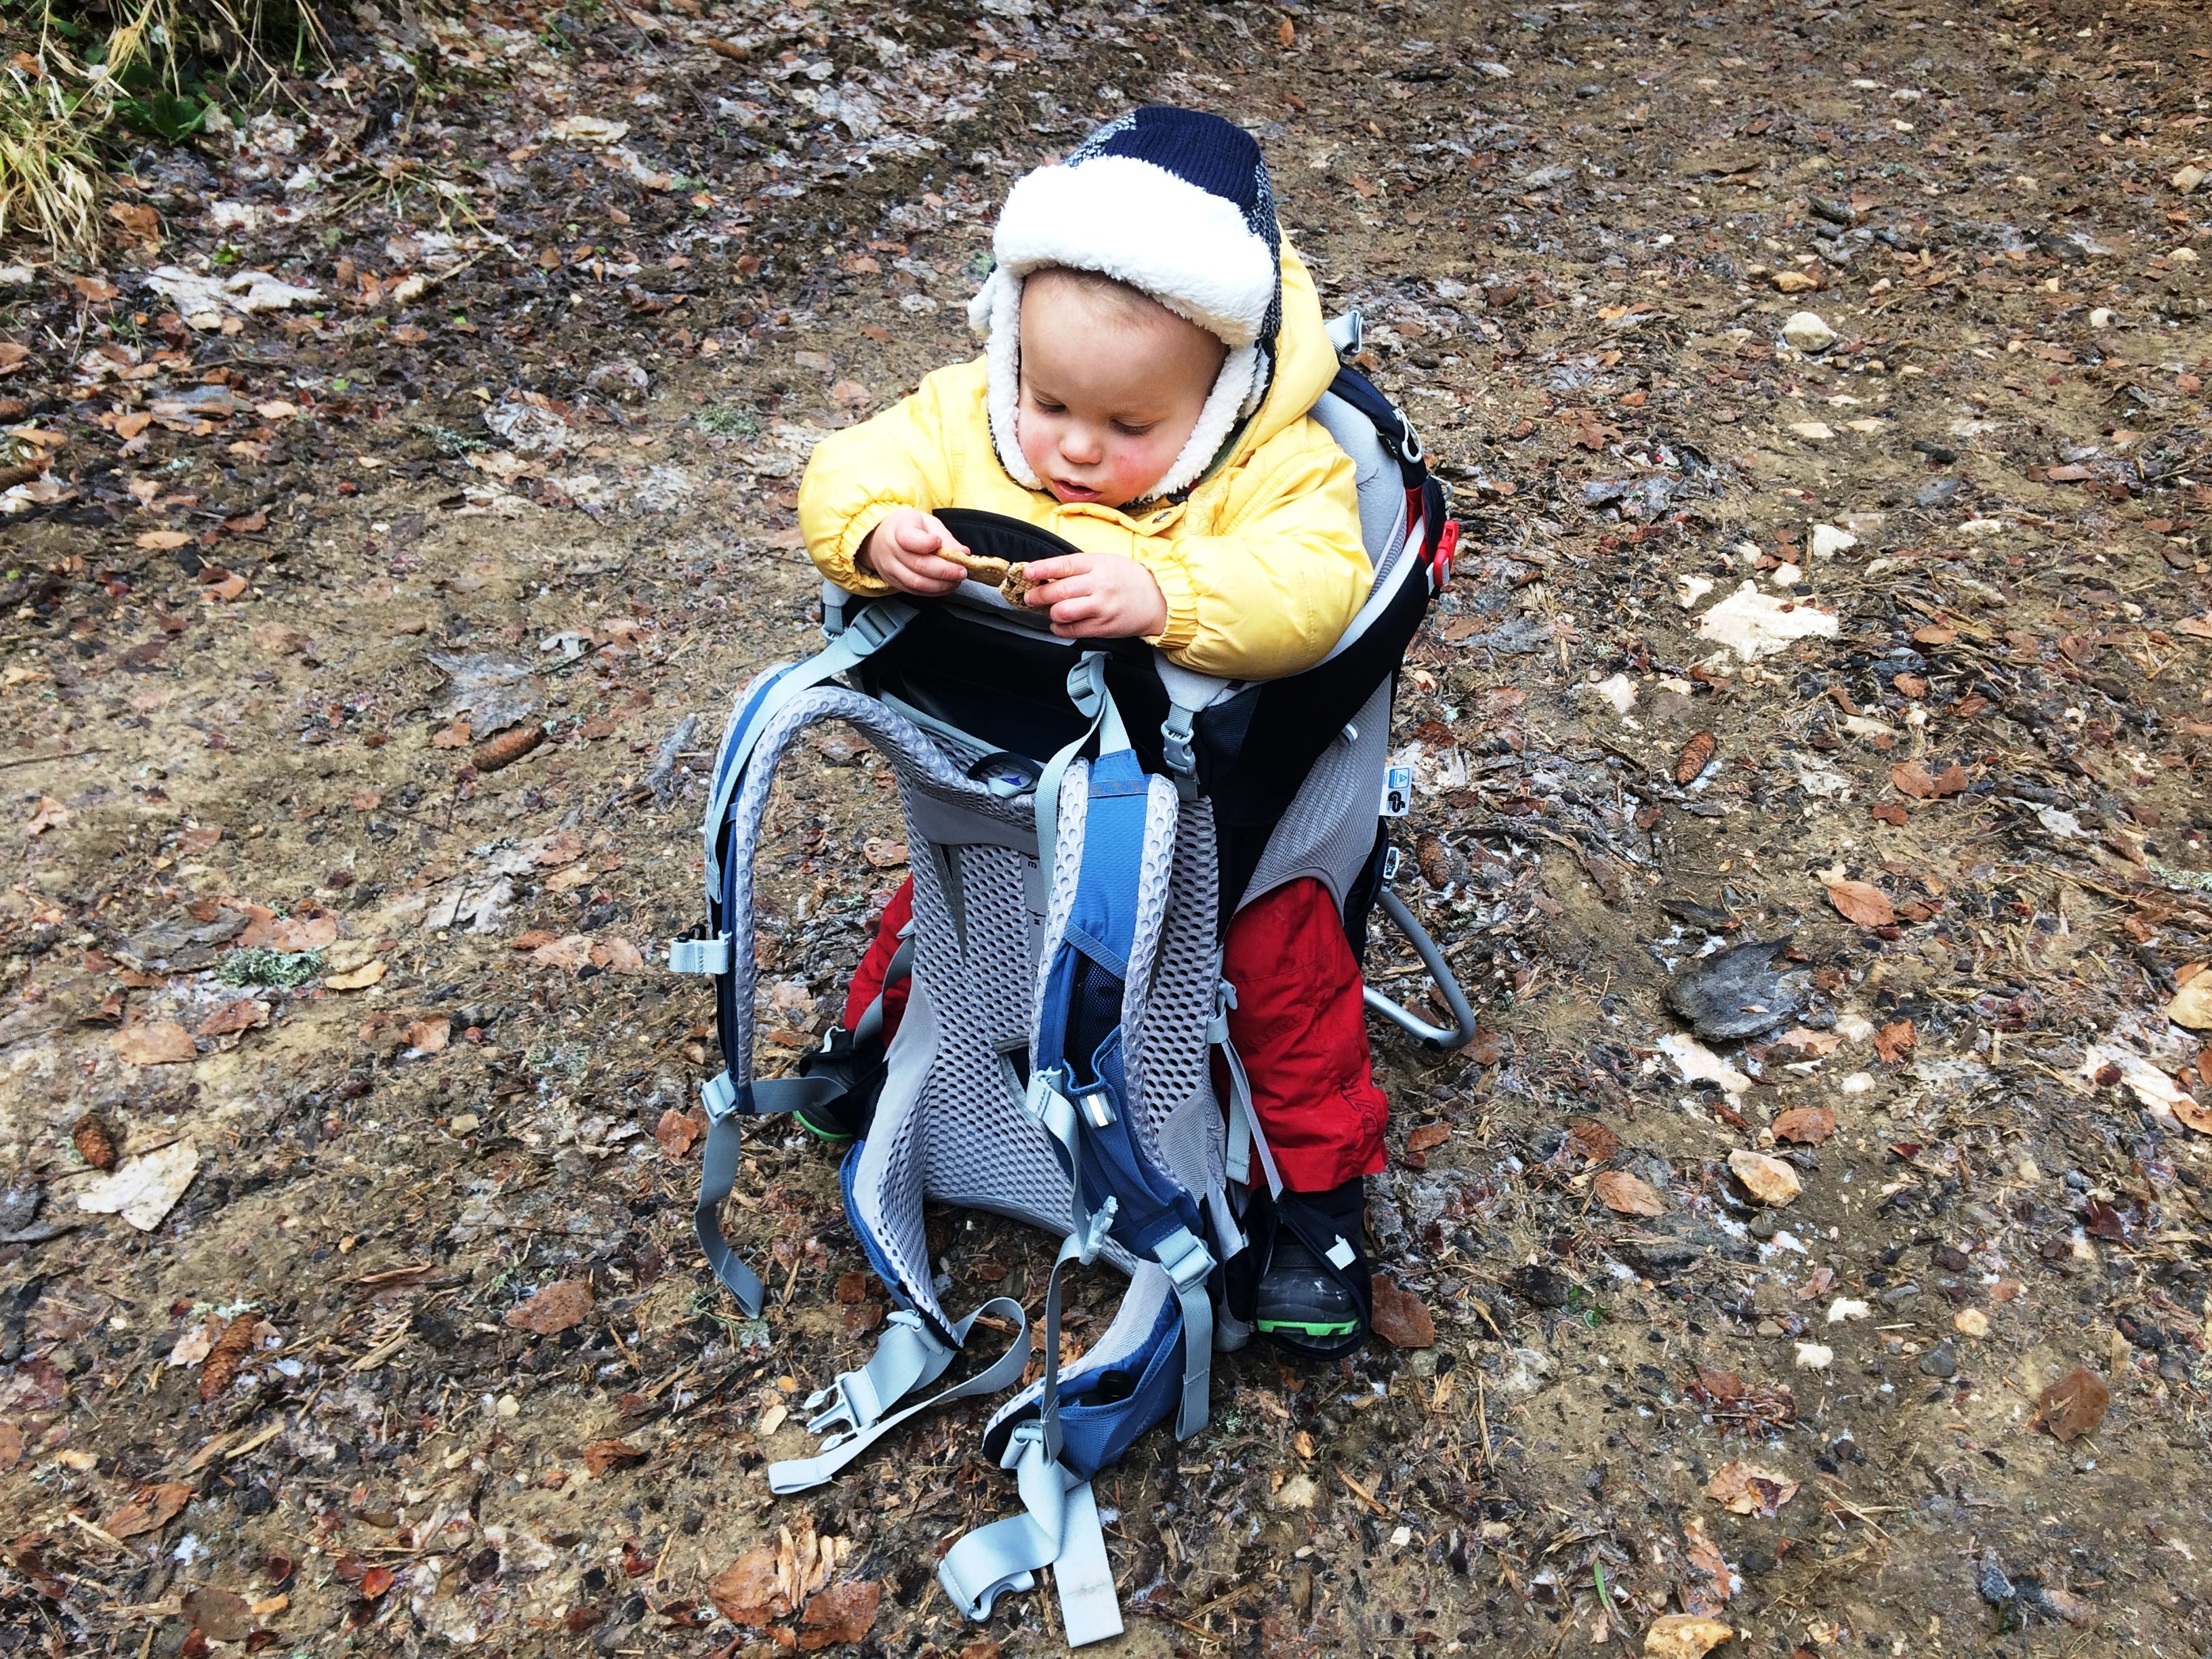 porte-bebe de randonnee stabilite